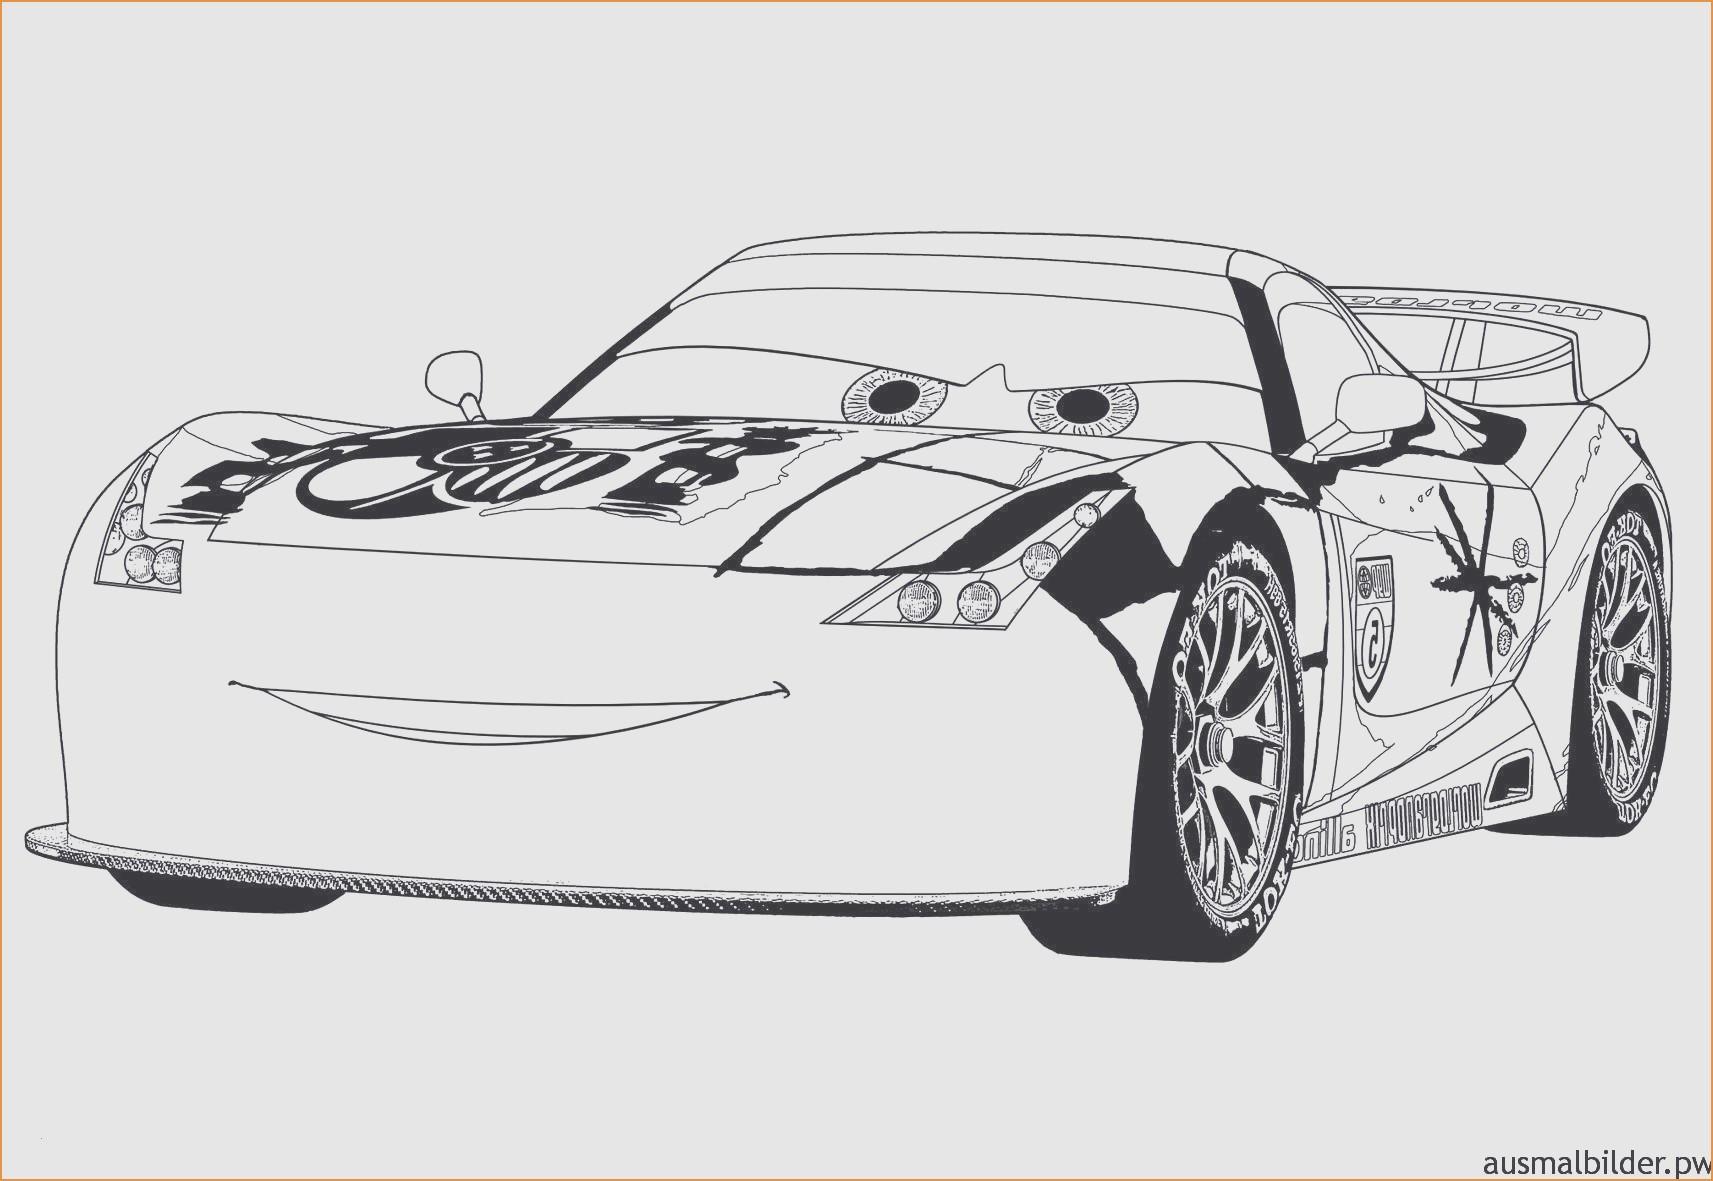 Motorrad Zeichnung Zum Ausmalen Das Beste Von ford Mustang Ausmalbilder Luxus 1970 Bugatti Luxury Bmw X5 3 0d 2003 Galerie